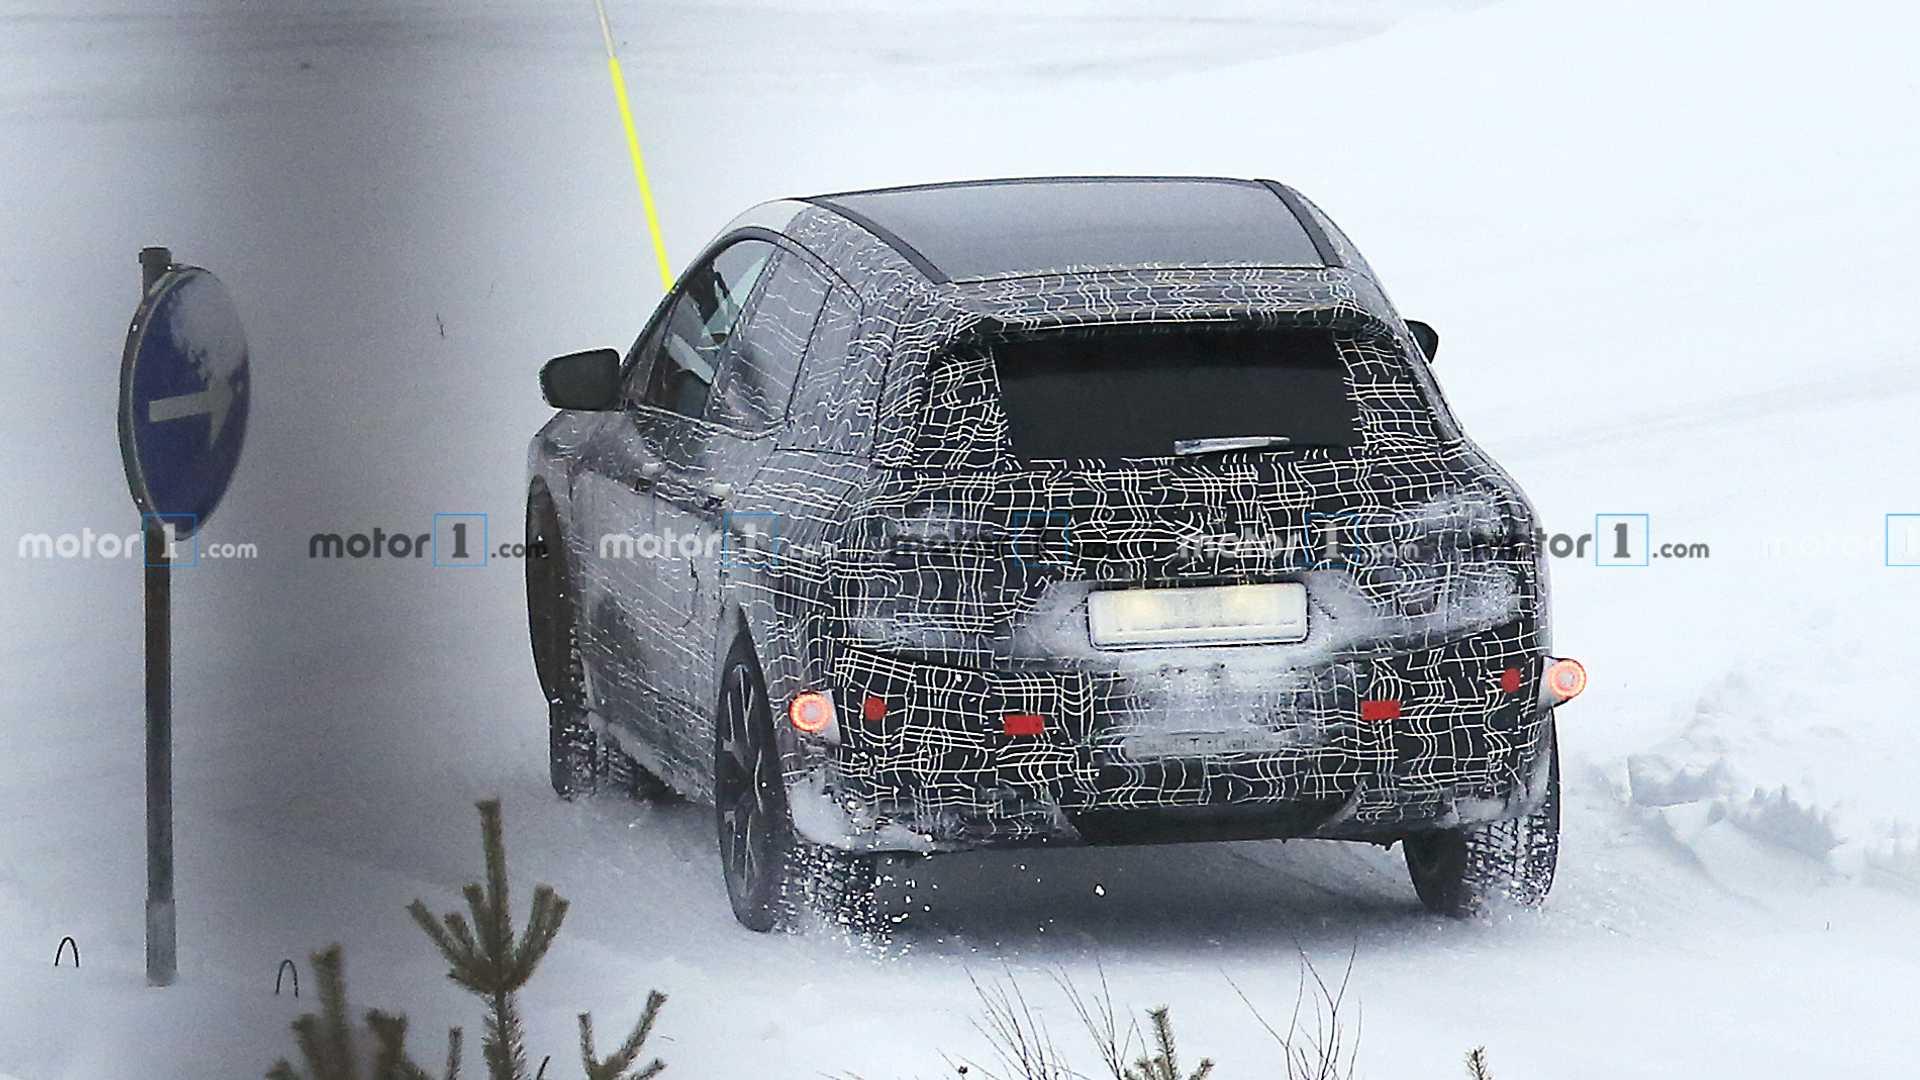 宝马iNext电动跨界SUV谍照曝光 将提供L3级自动驾驶